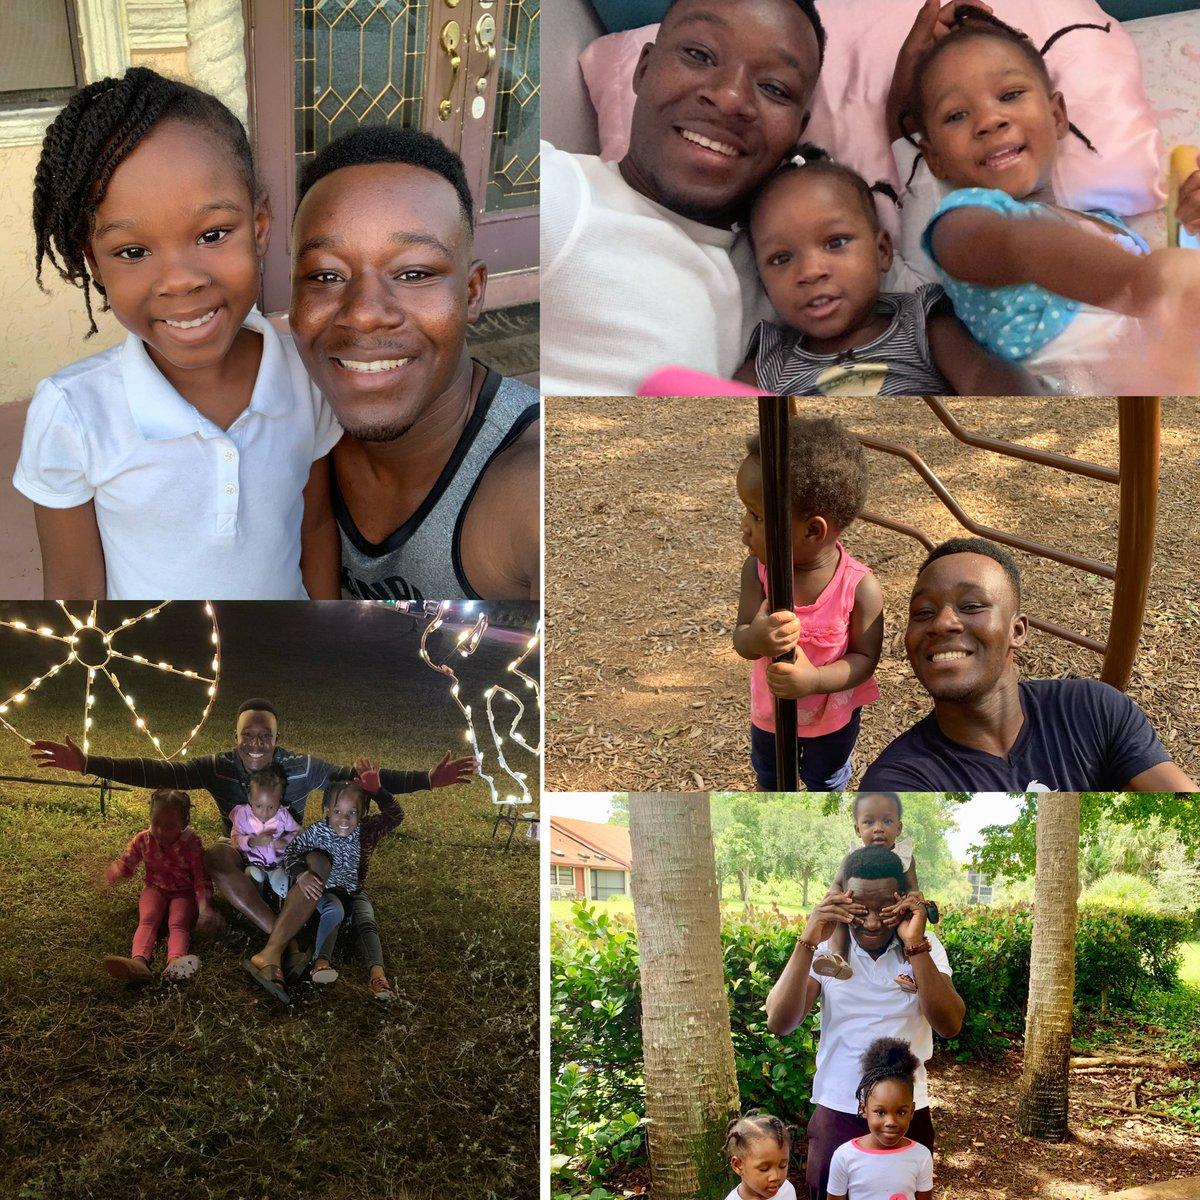 #girldad #blackfathers #blackhusband #haitianfather #haitianhusband https://t.co/YSEbDJYI2c